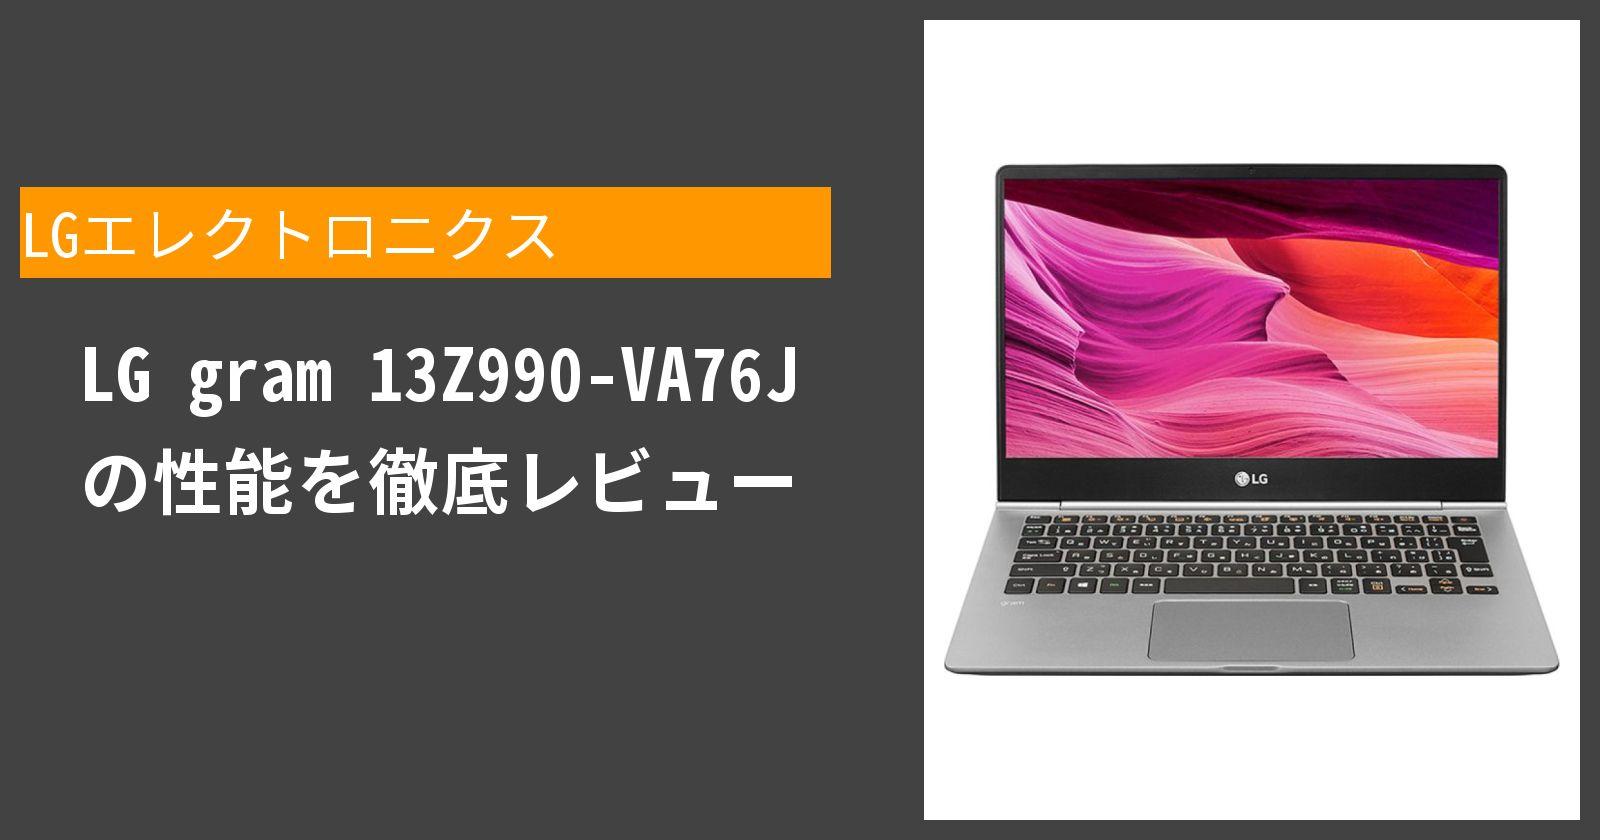 LG gram 13Z990-VA76J の性能を徹底レビュー